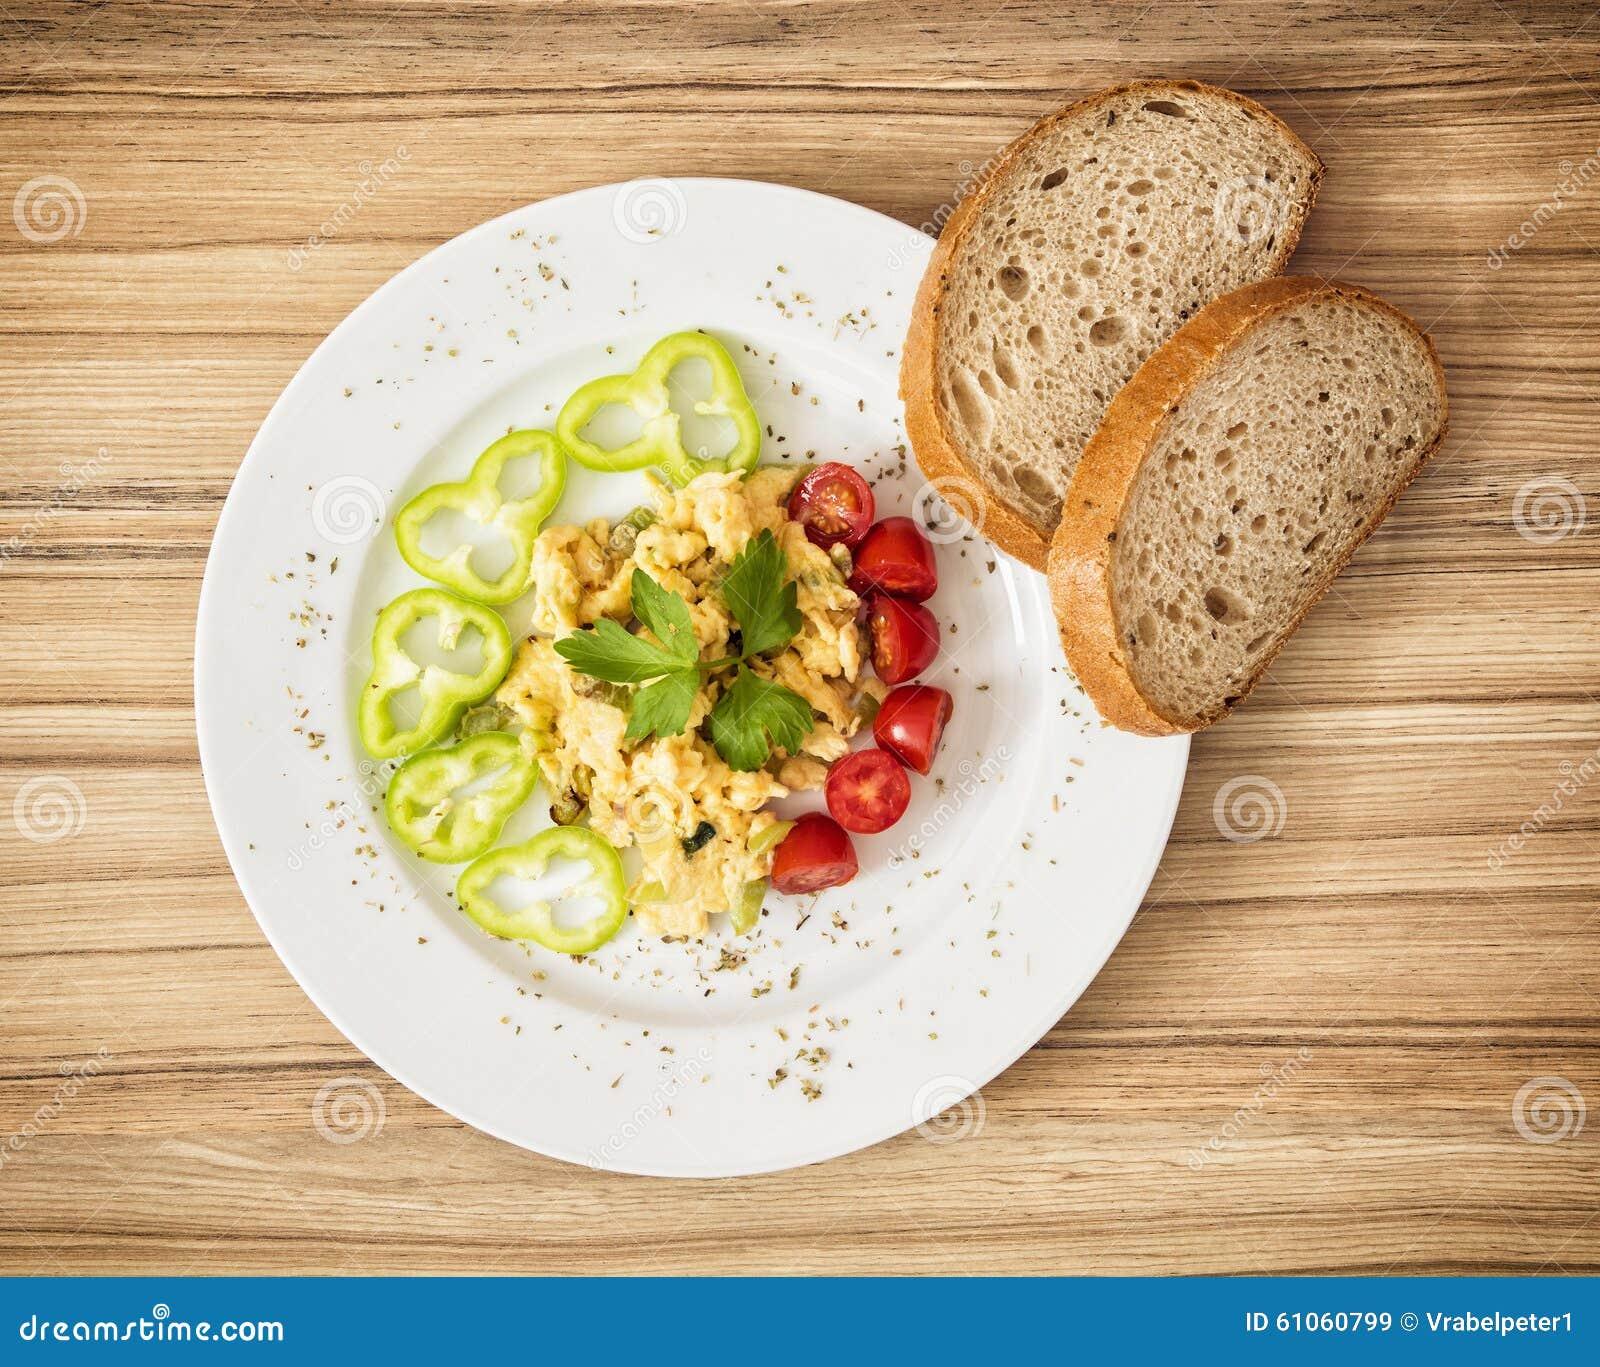 Ovos mexidos com paprika, tomates de cereja e pão